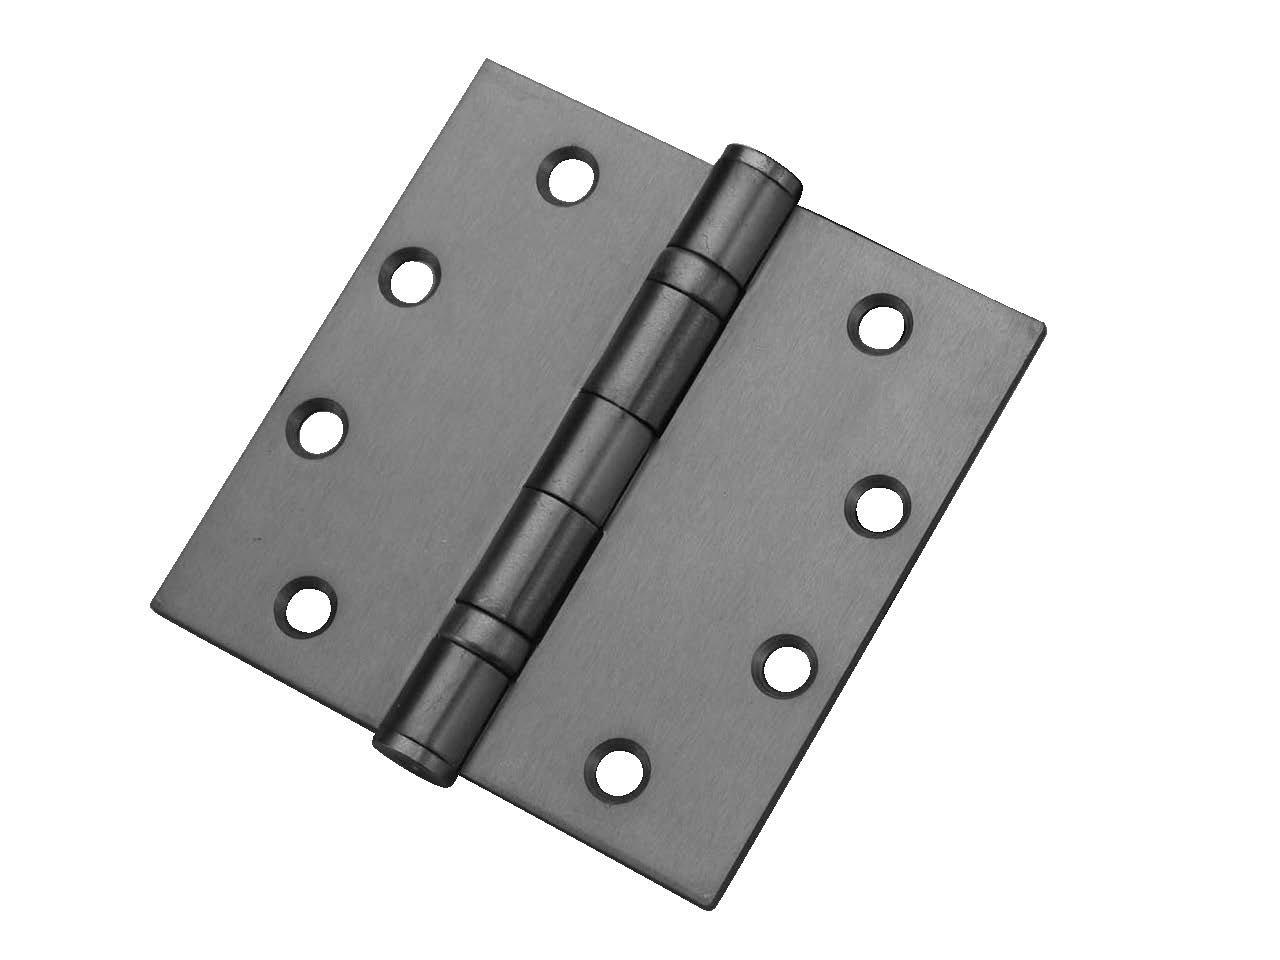 Don-Jo BB74545 Steel Mortise Mount Full Ball Bearing Hinge, Satin Chrome Plated, 4-1/2'' Width, 4-1/2'' Length (Pack of 24)